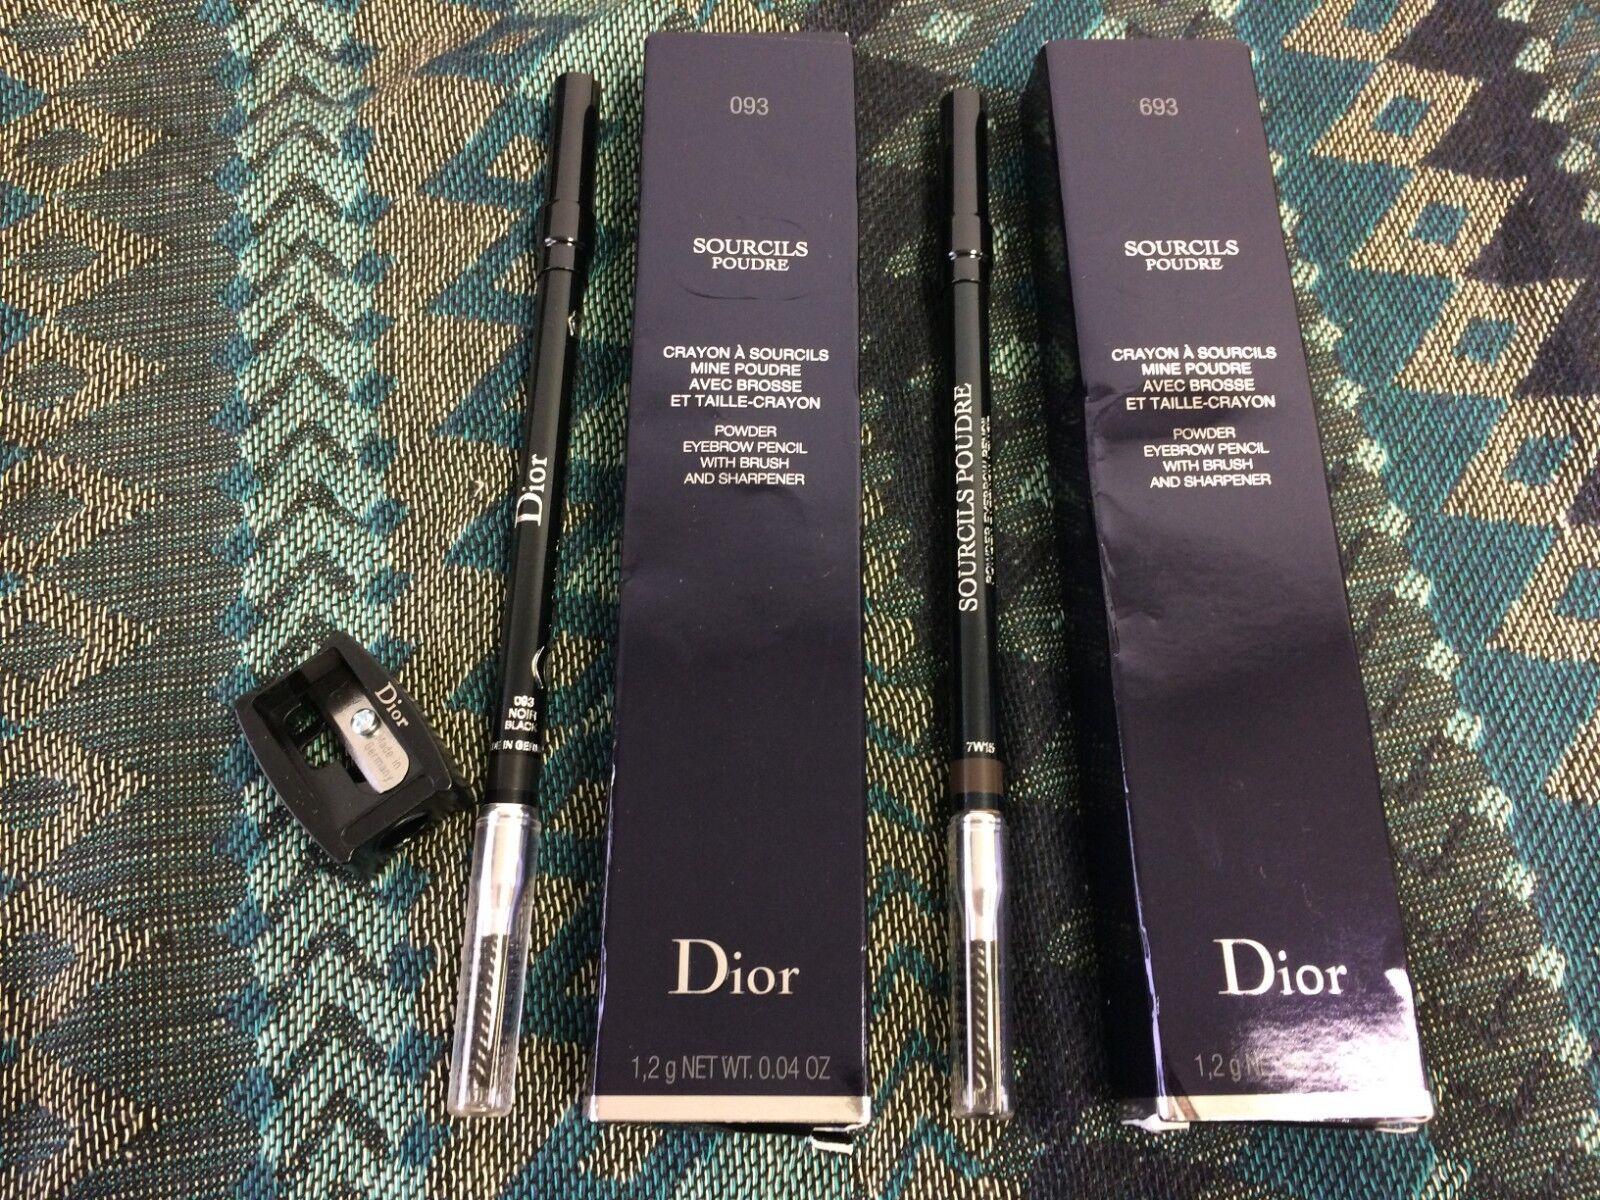 Dior Sourcils Poudre Eyebrow Pencil NIB